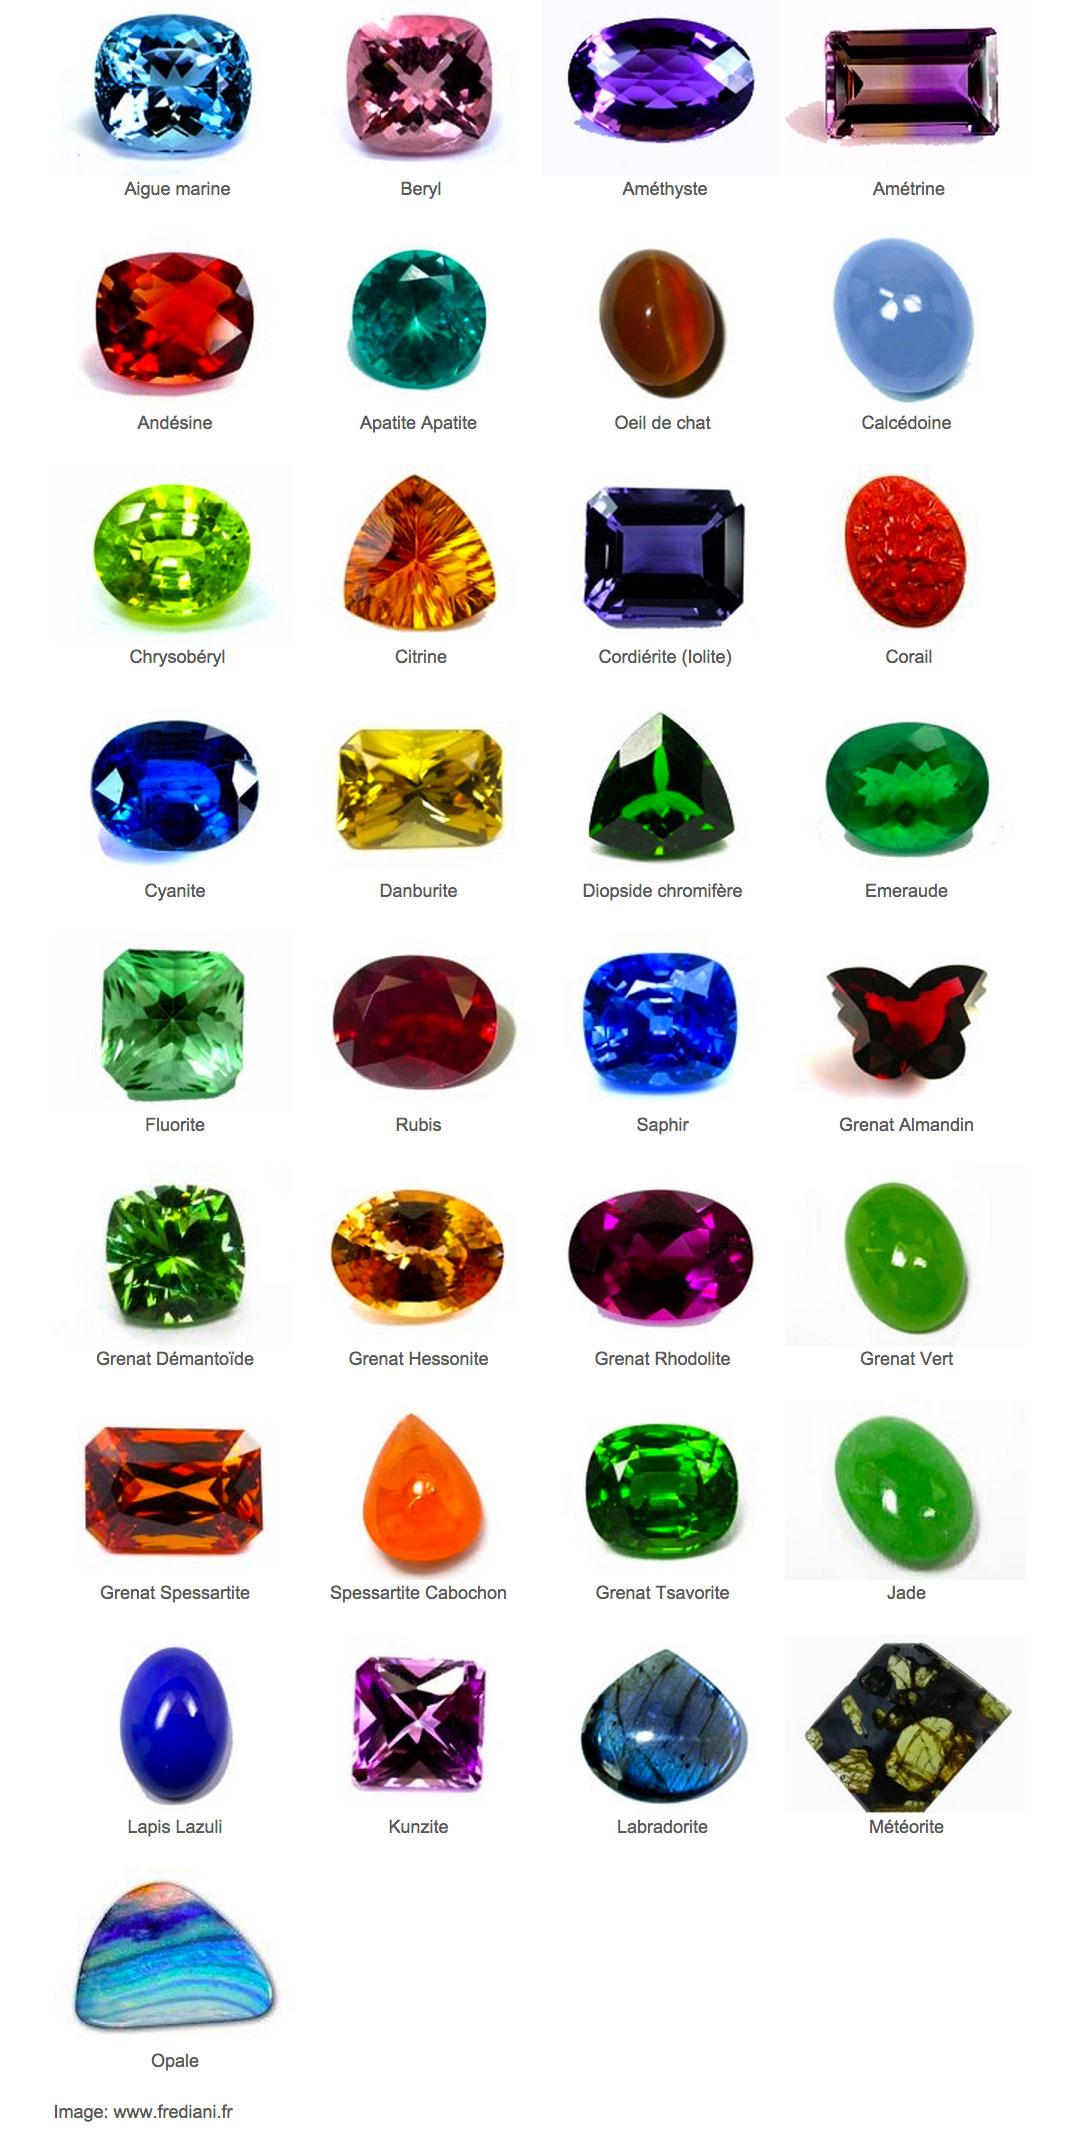 Images de pierres précieuses